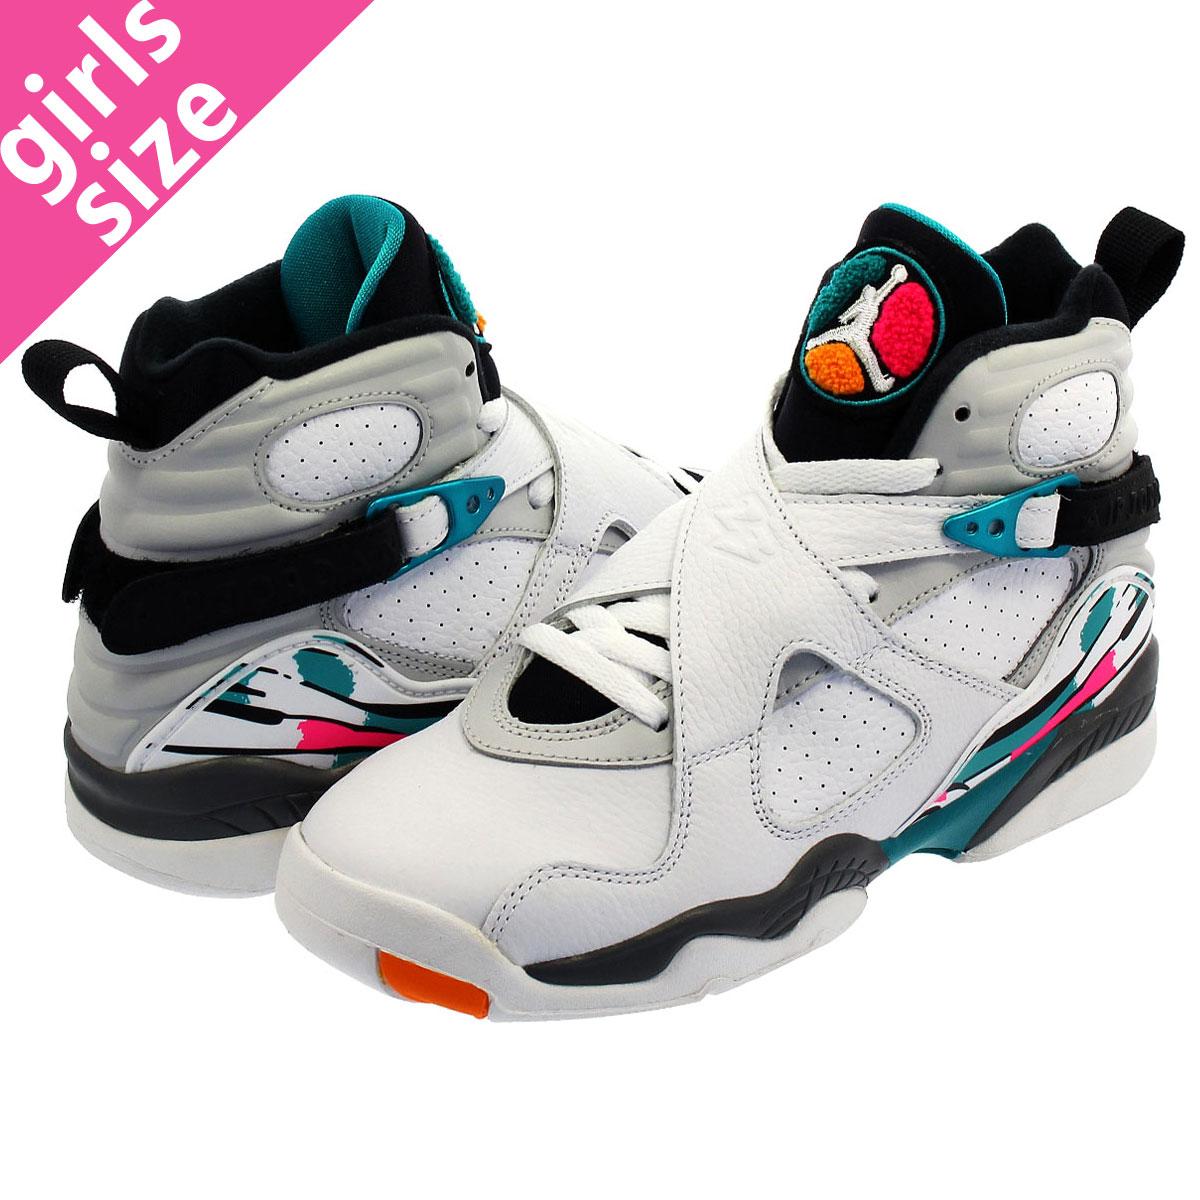 c66e17b126518f NIKE AIR JORDAN 8 RETRO GS Nike Air Jordan 8 nostalgic GS WHITE TURBO  GREEN MULTI COLOR 305